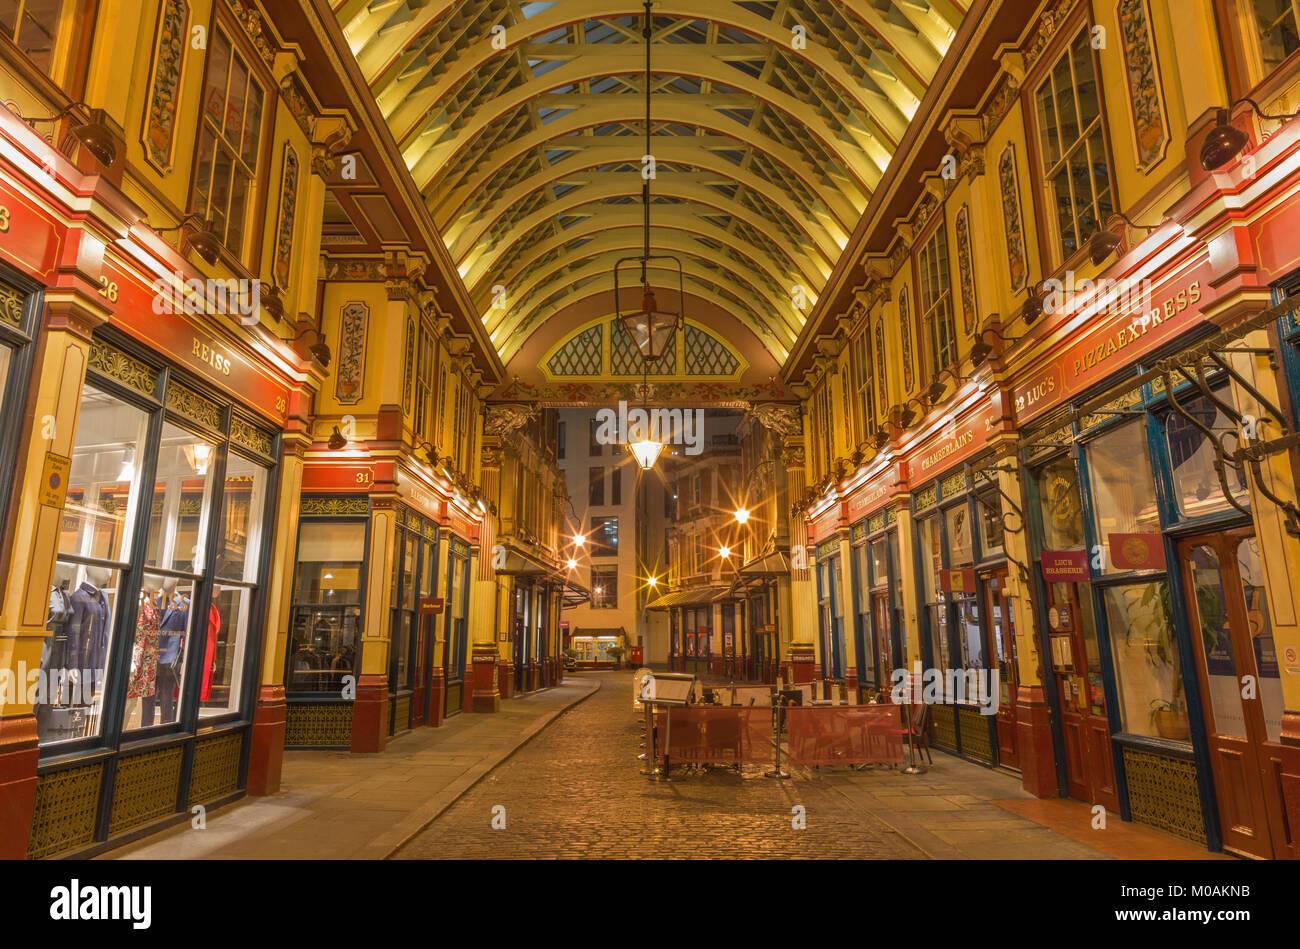 LONDON, Großbritannien - 18 September, 2017: Die Galerie der Leadenhall Market in der Nacht. Stockbild